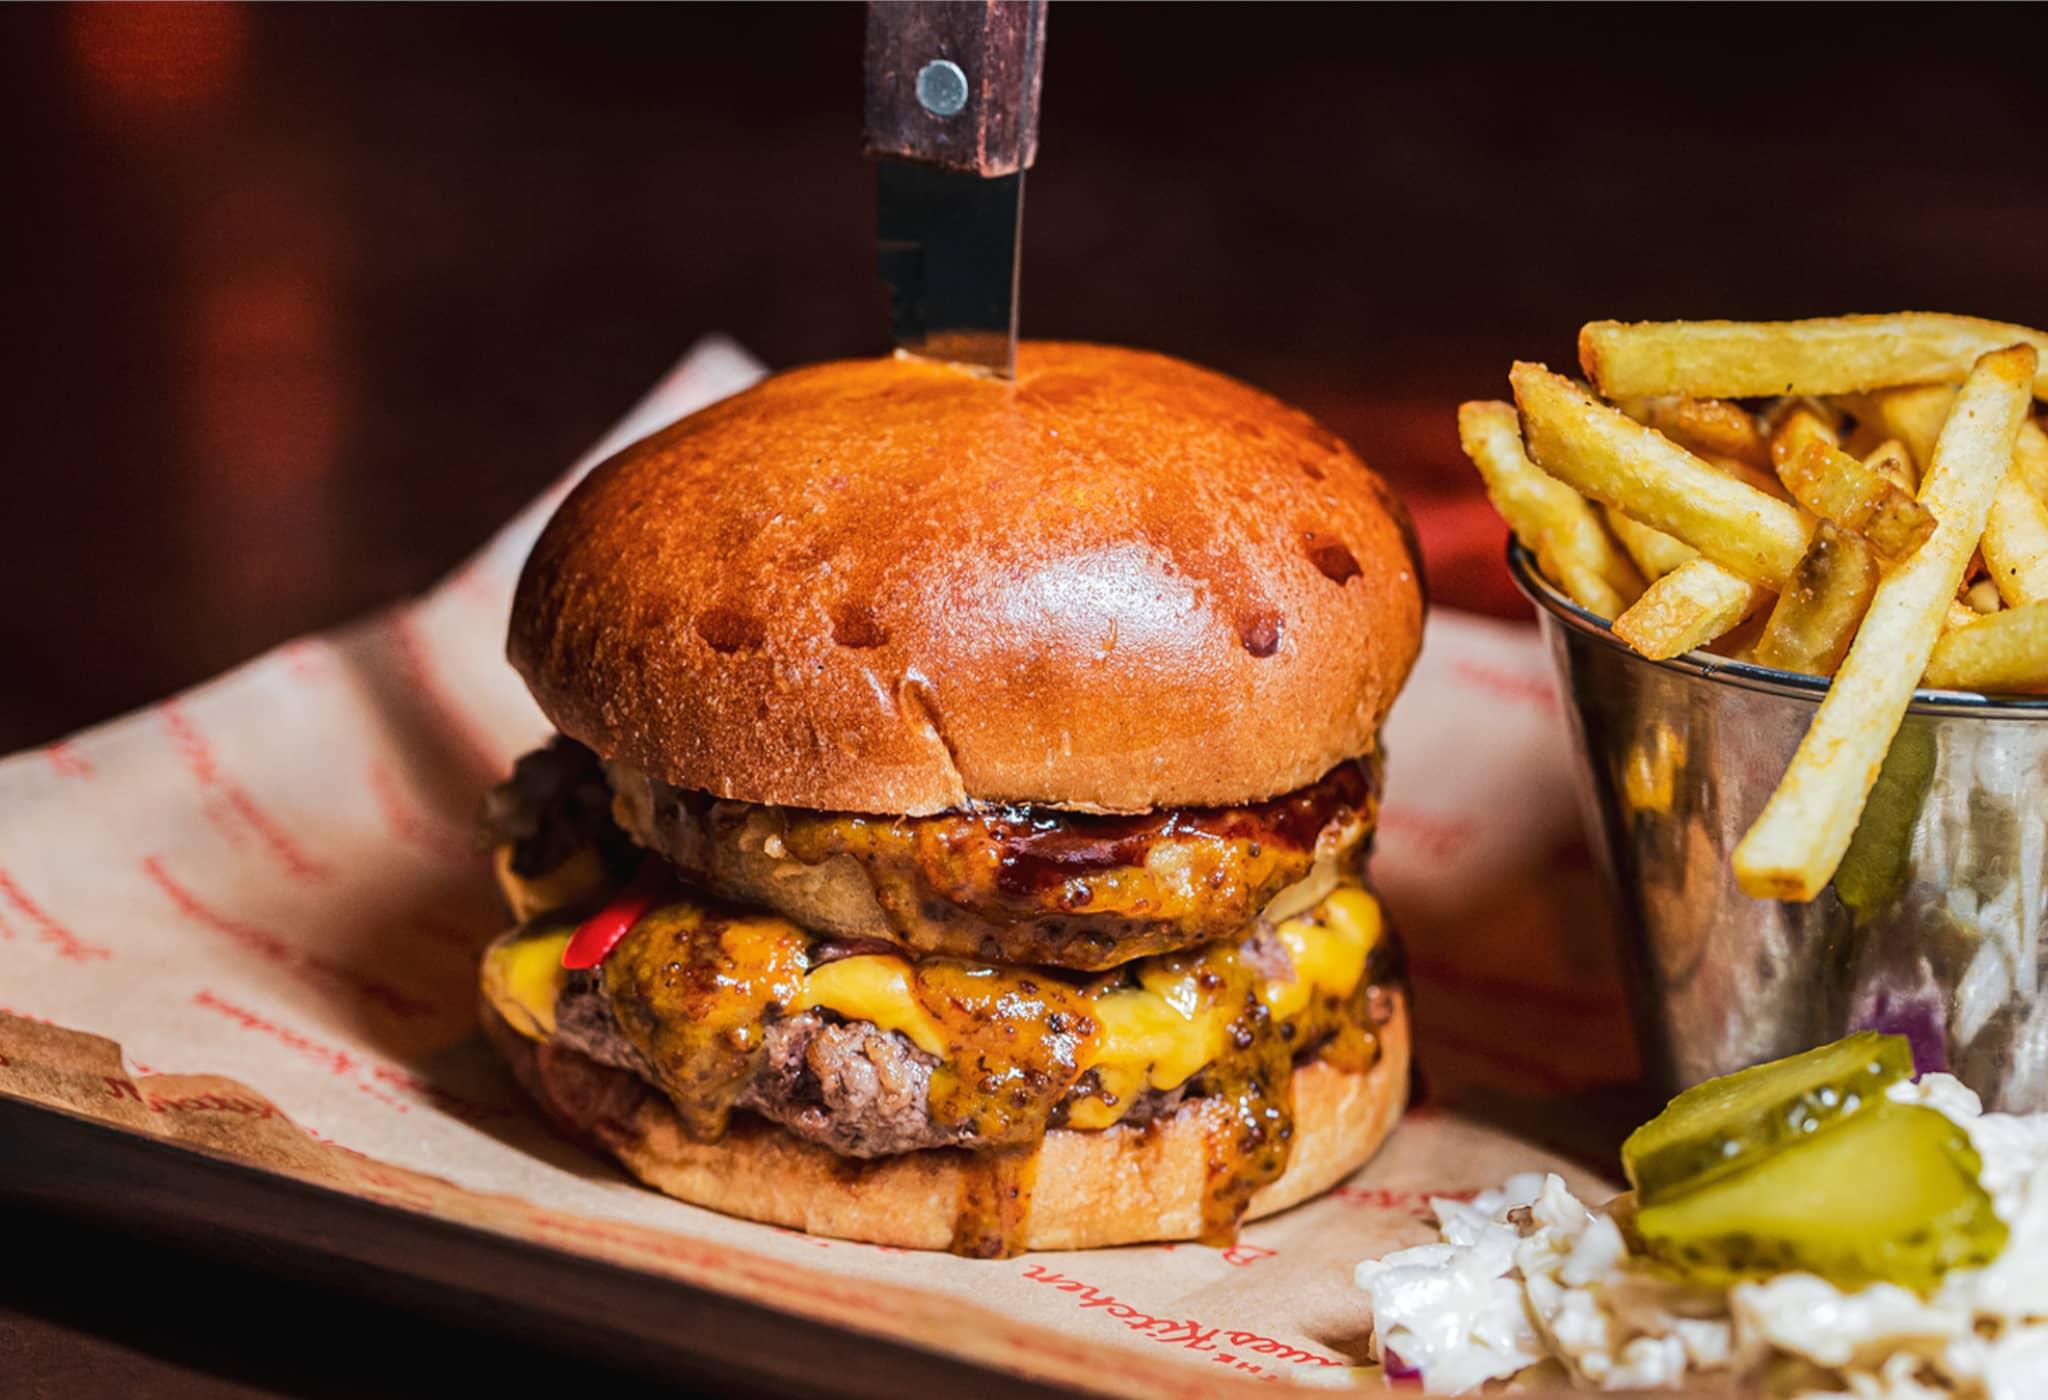 Burger & Fries Supper Restaurant Camden